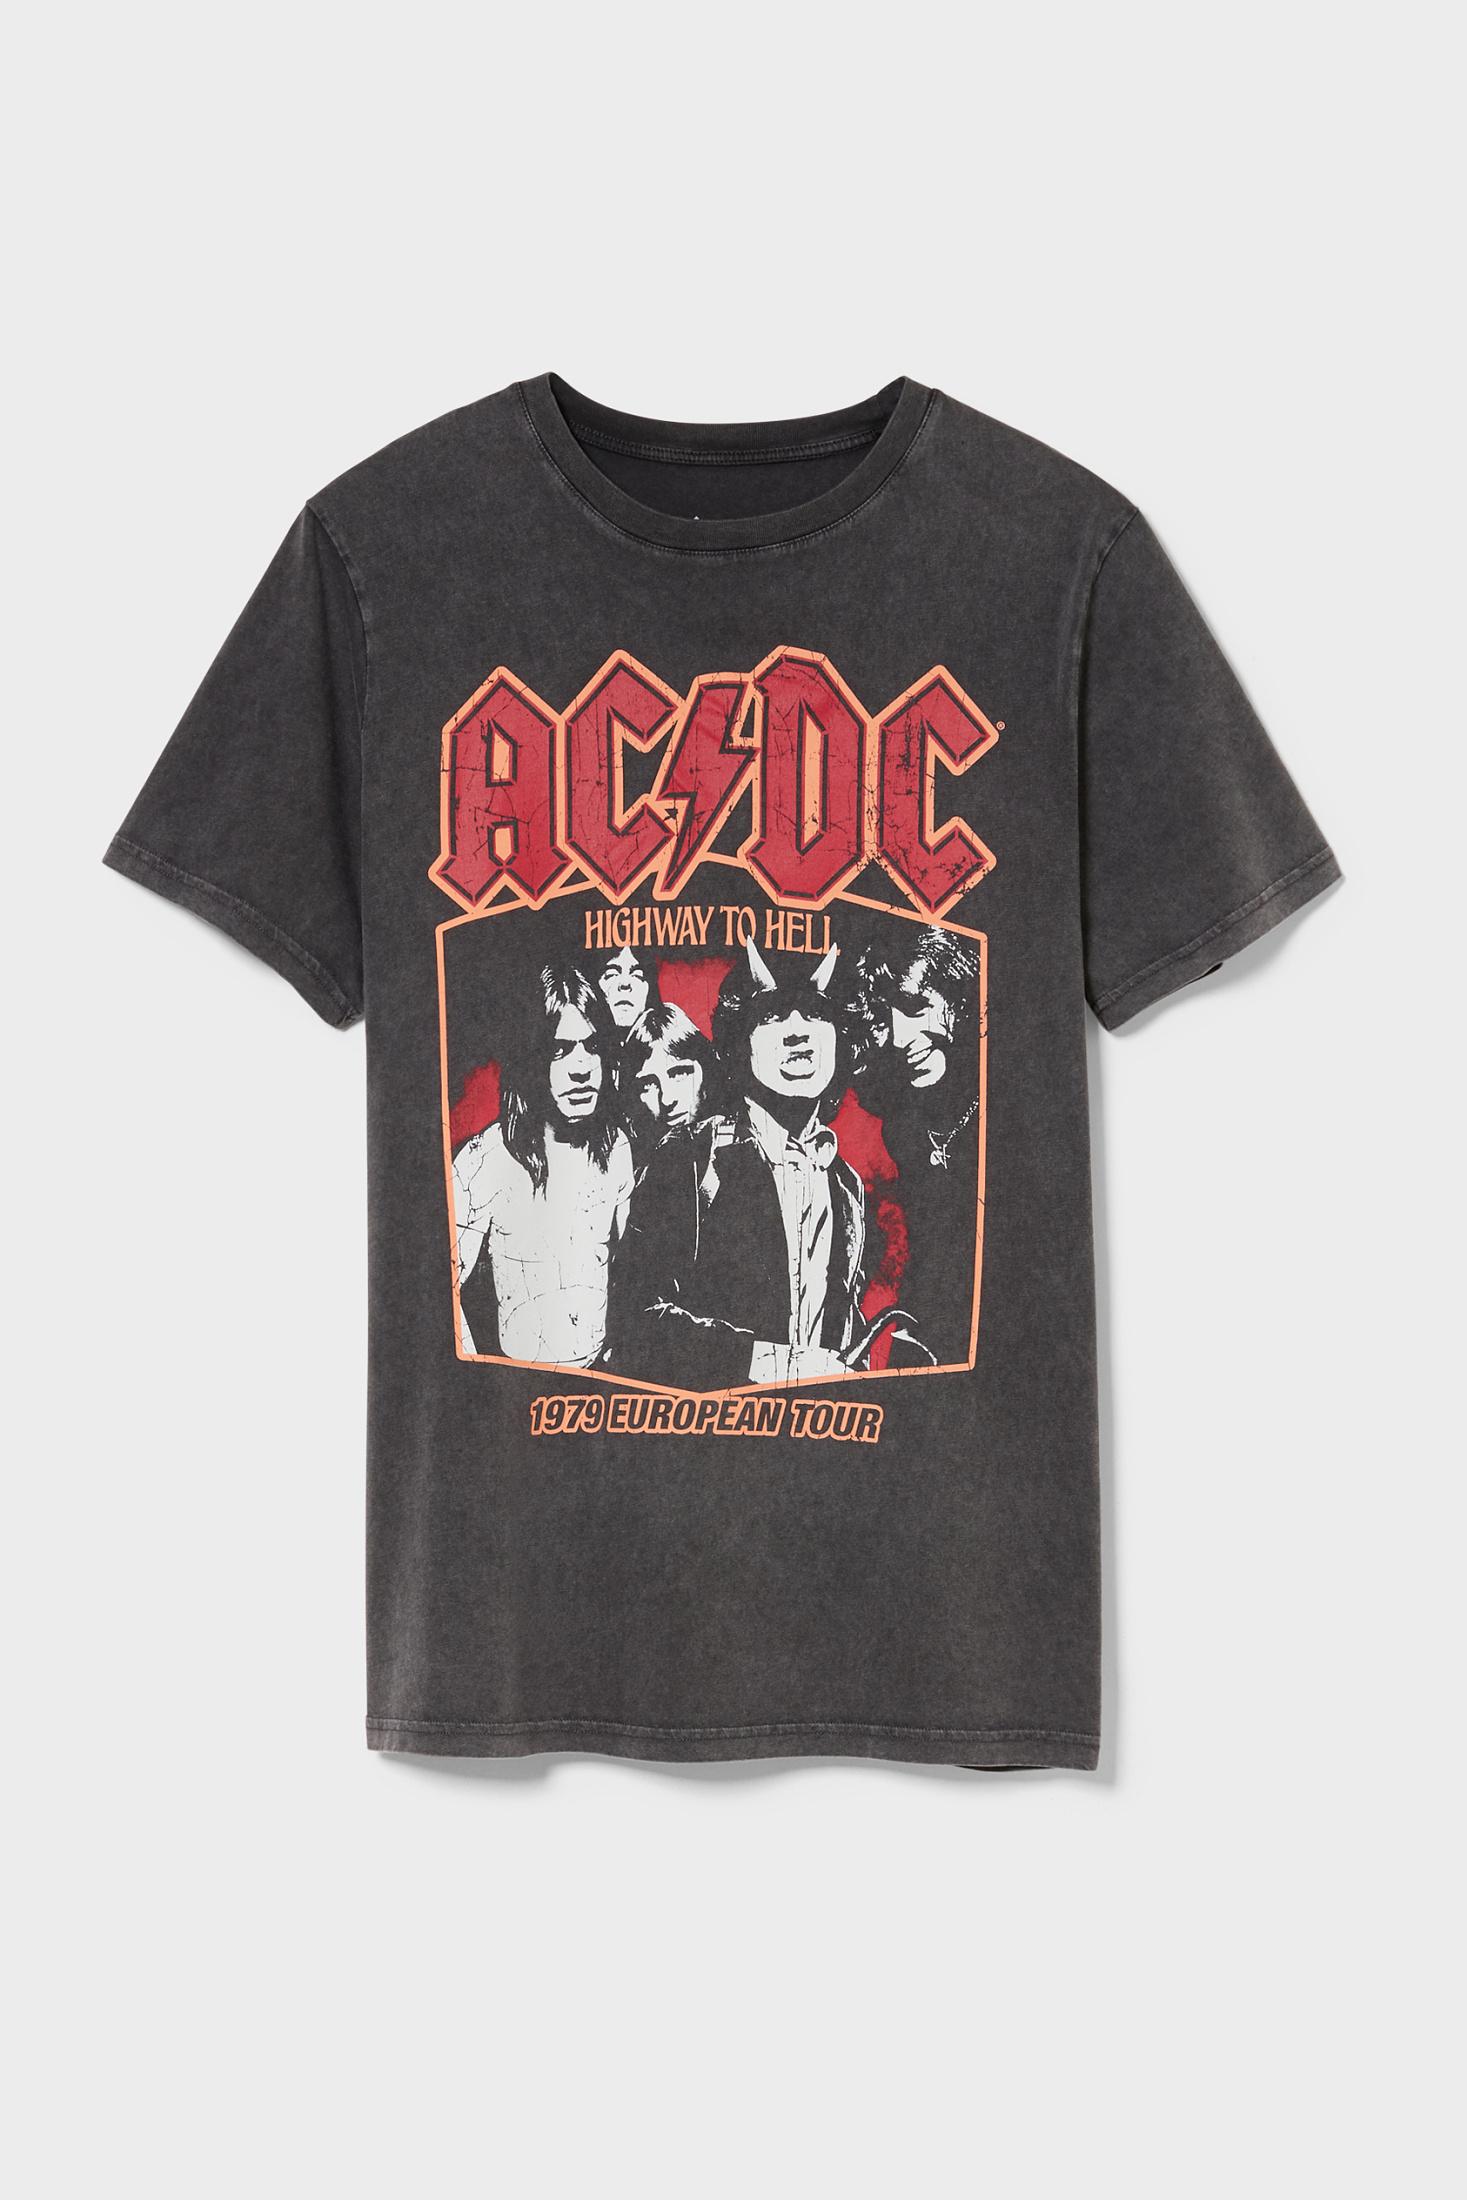 AC/DC T-Shirt für nur 7,75€ inkl. Versand anstatt 12,90€ Gr. S - XXL vorhanden